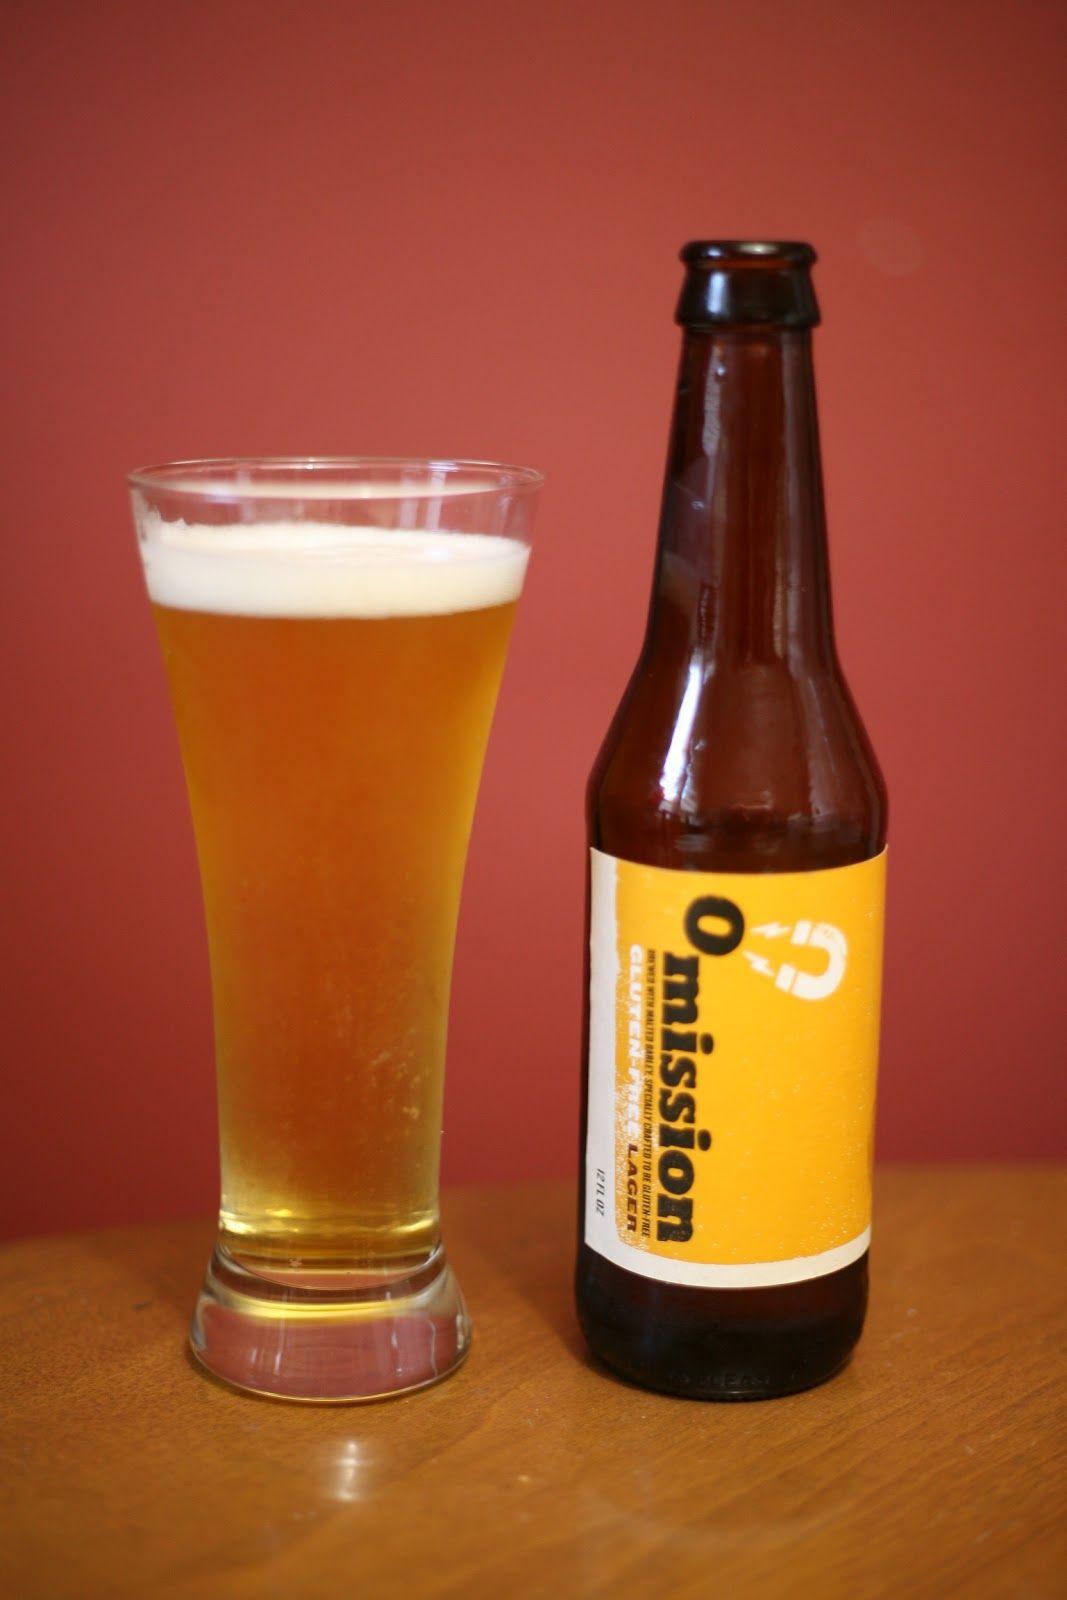 Lager Beer Beer guide, Gluten free beer, Beer